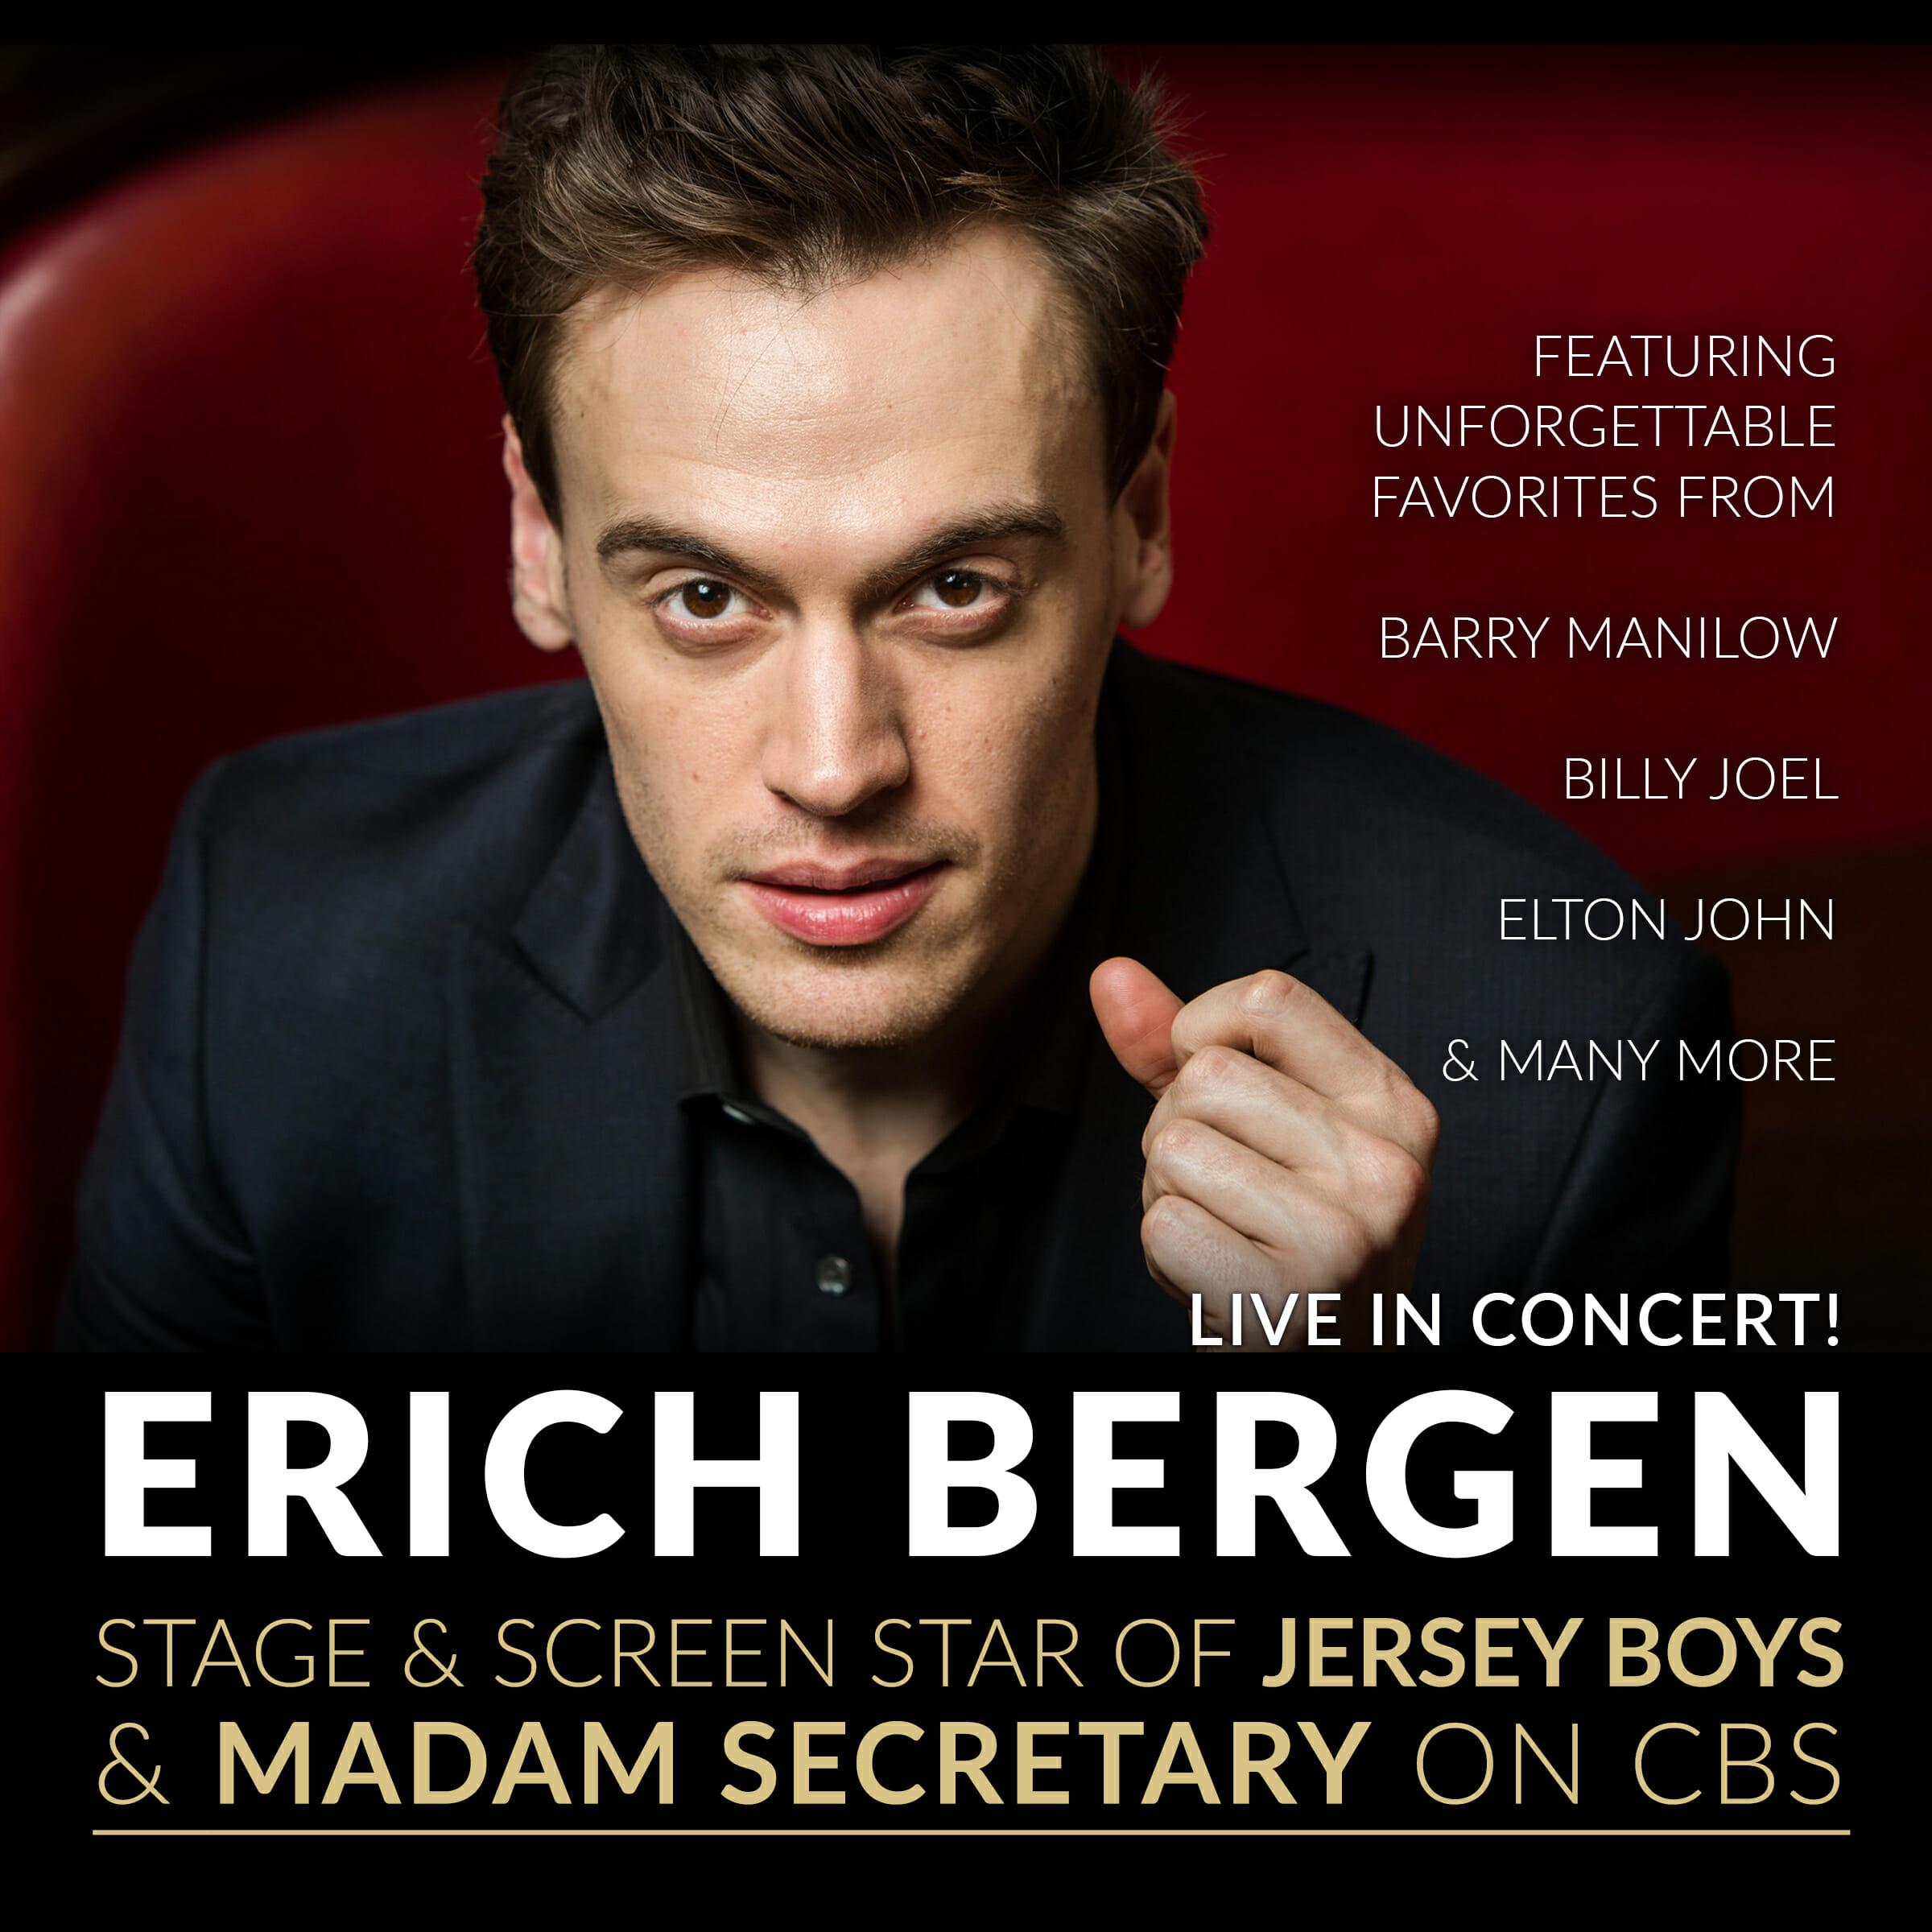 Erich Bergen Live in Concert